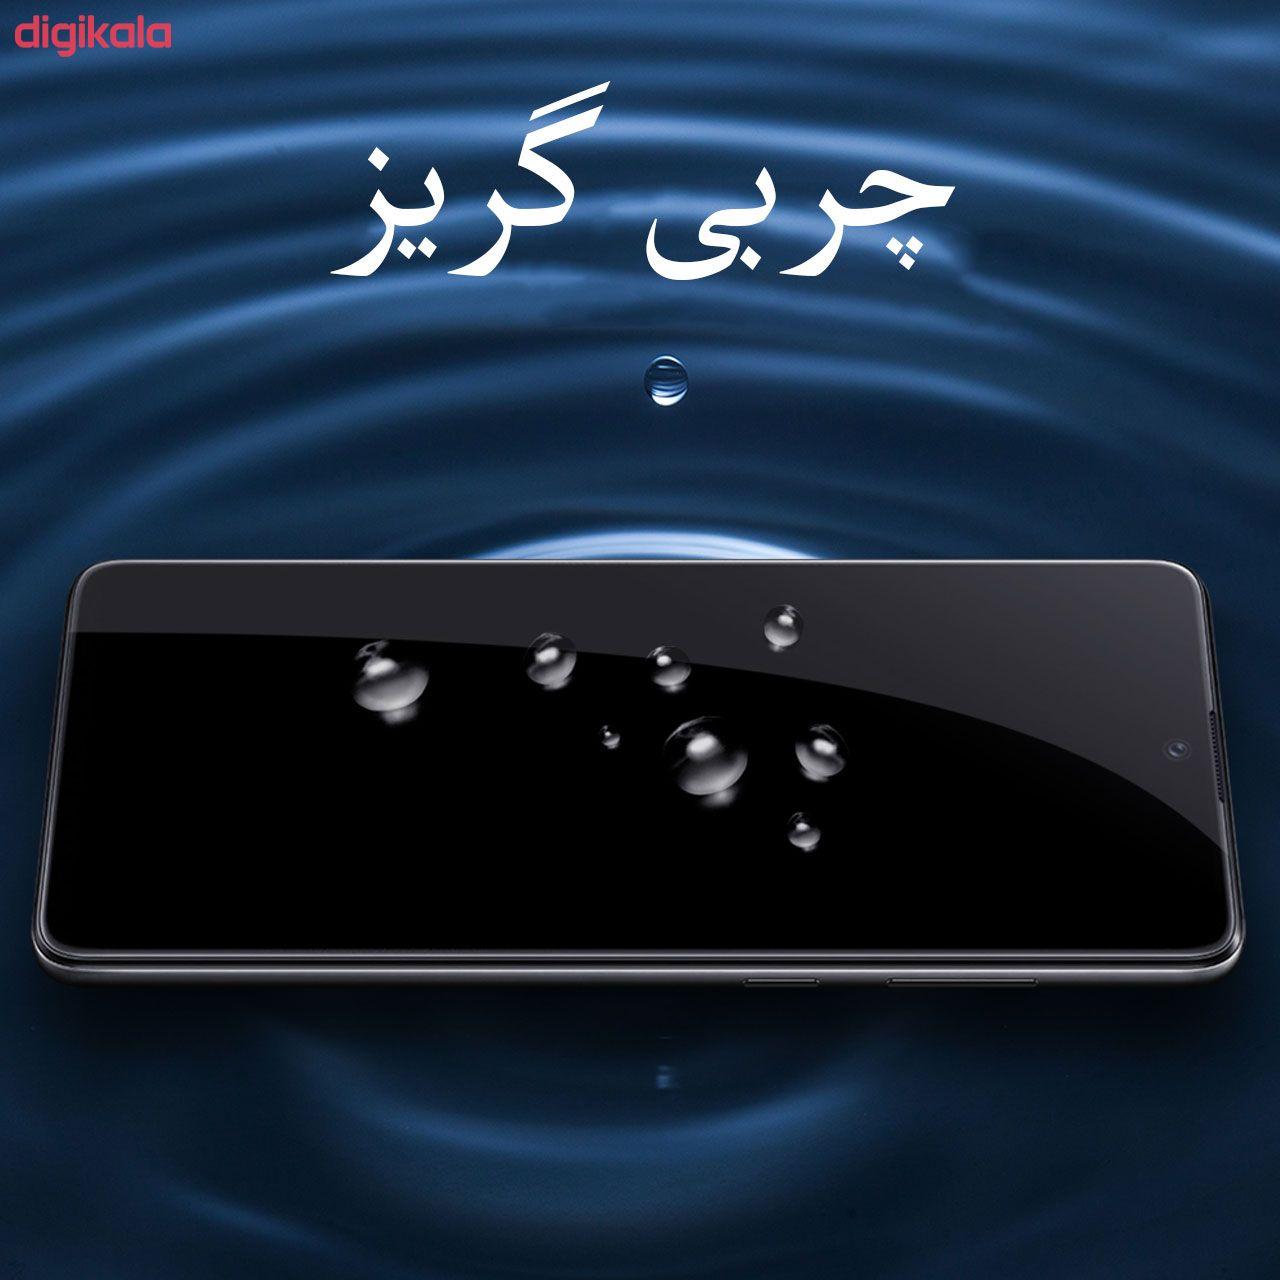 محافظ صفحه نمایش مدل FCG مناسب برای گوشی موبایل شیائومی Redmi Note 9 Pro Max بسته دو عددی main 1 1